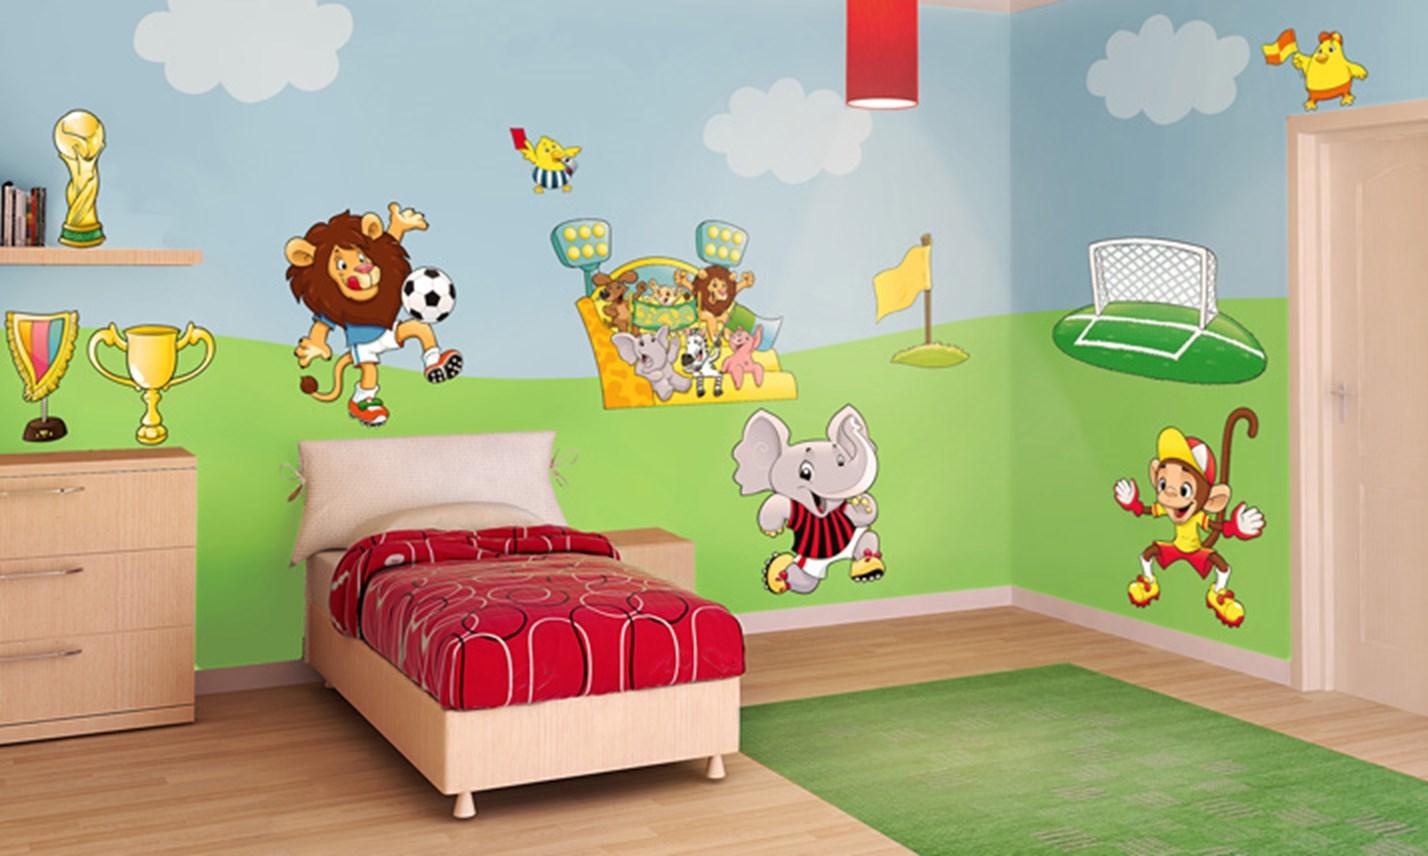 Decorazioni murali camerette camerette bambini stickers - Decorazioni per camerette ...